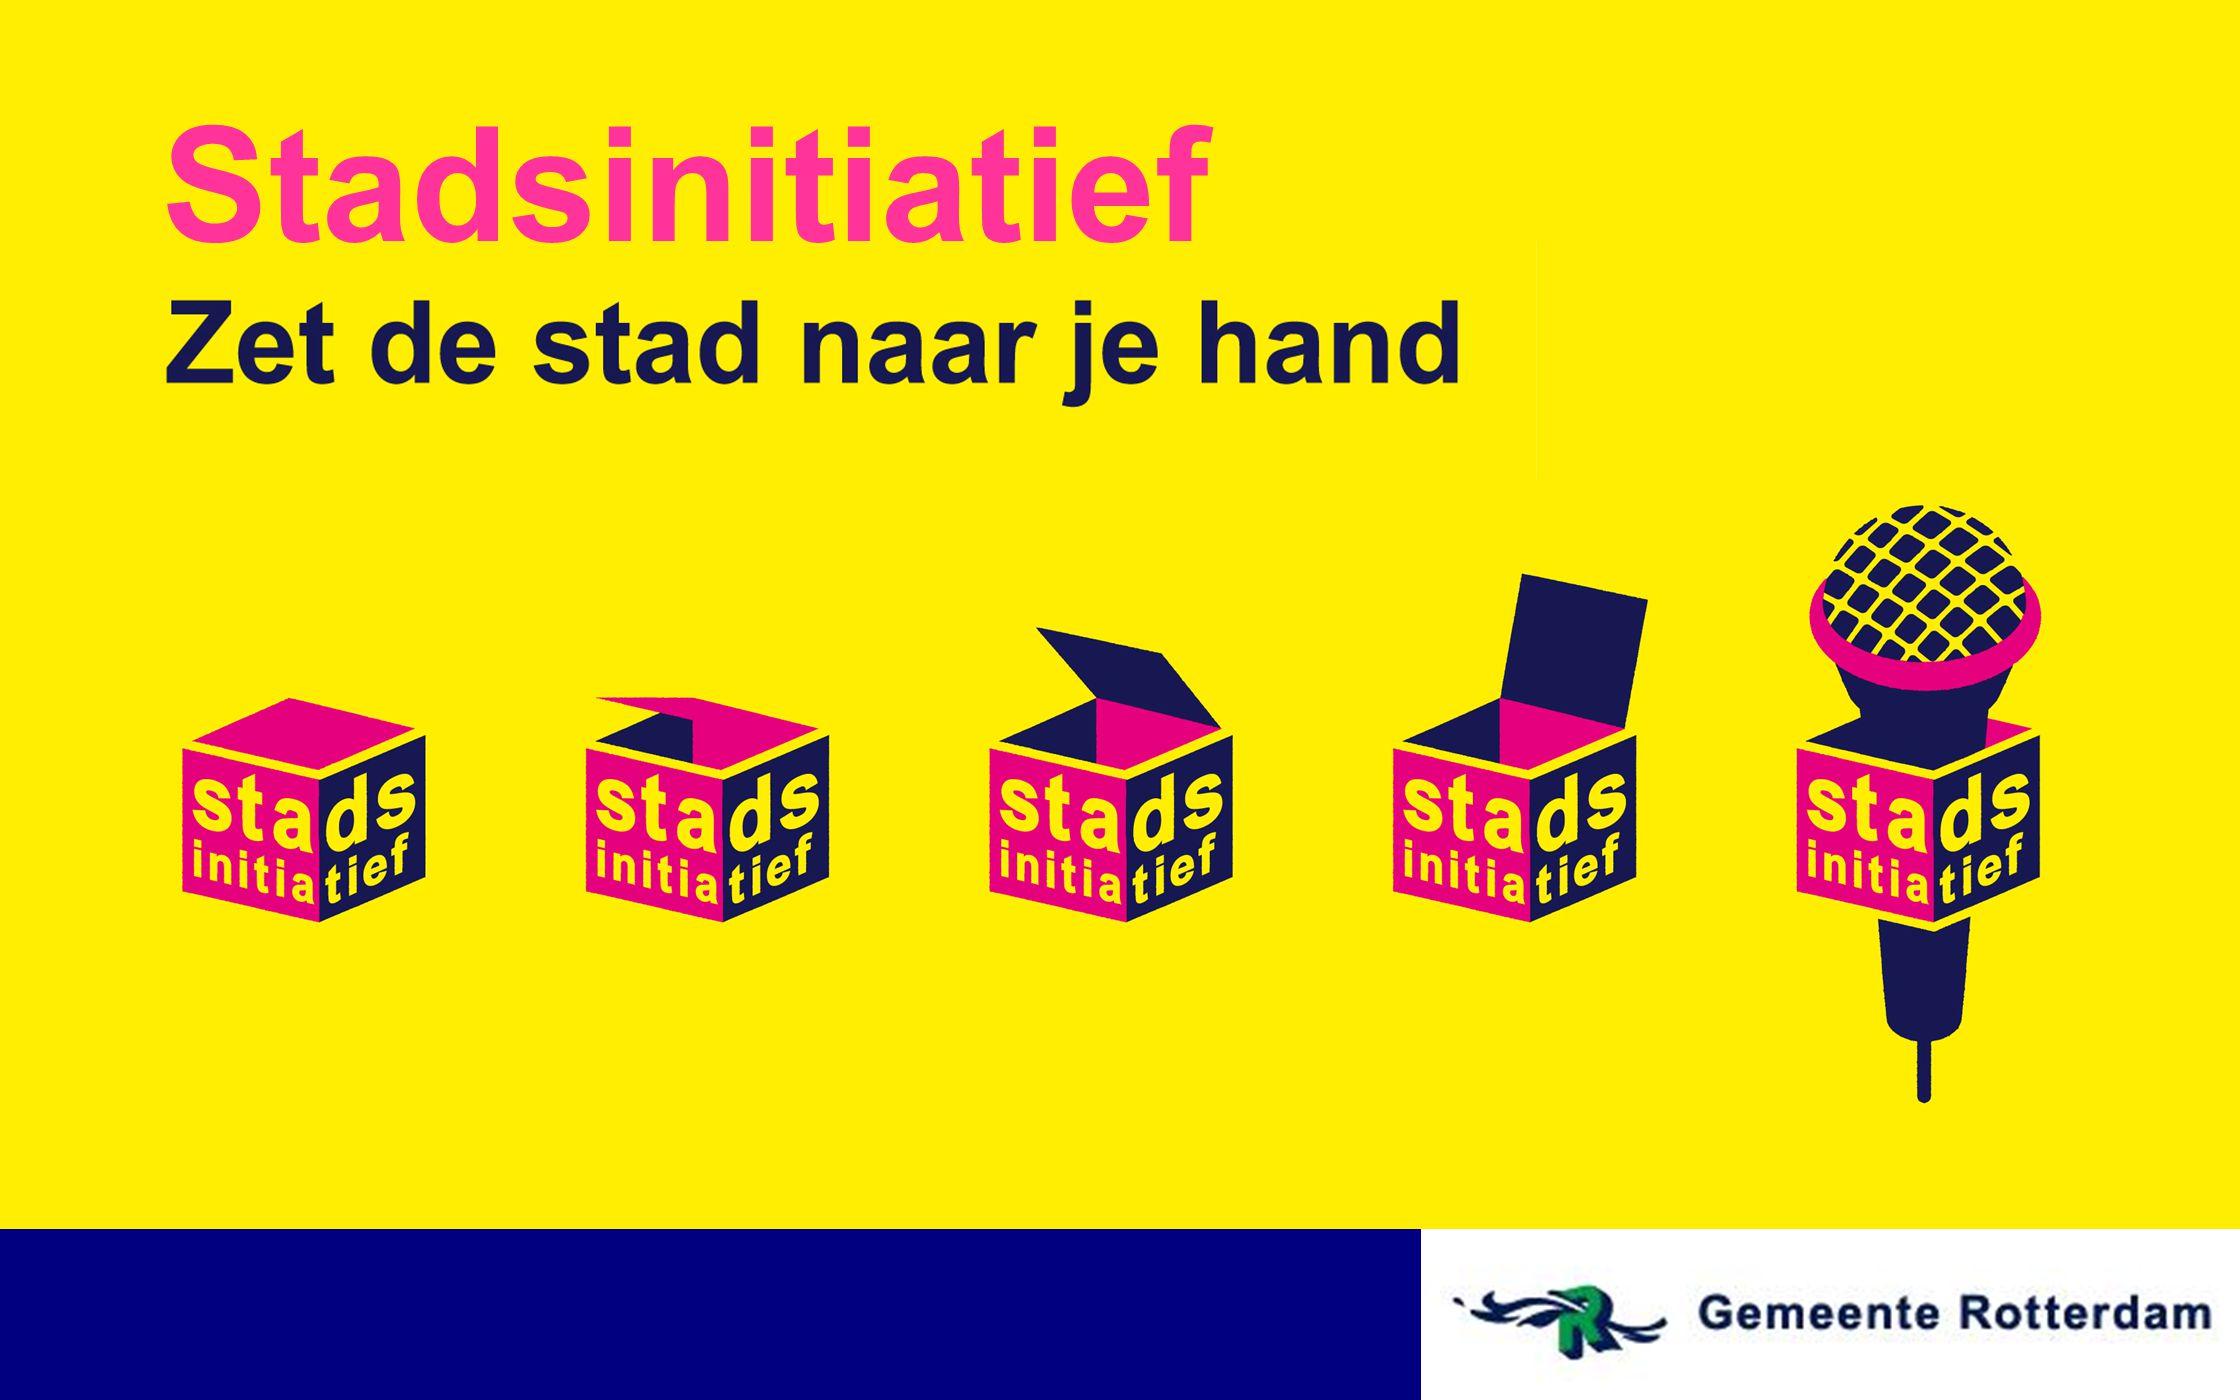 Contact Team Stadsinitiatief website: www.stadsinitiatief.nl e-mail: stadsinitiatief@rotterdam.nl telefoon: 010 - 498 4254 facebook:Stadsinitiatief Rotterdam youtube: Stadsinitiatief twitter: @Stadsinitiatief